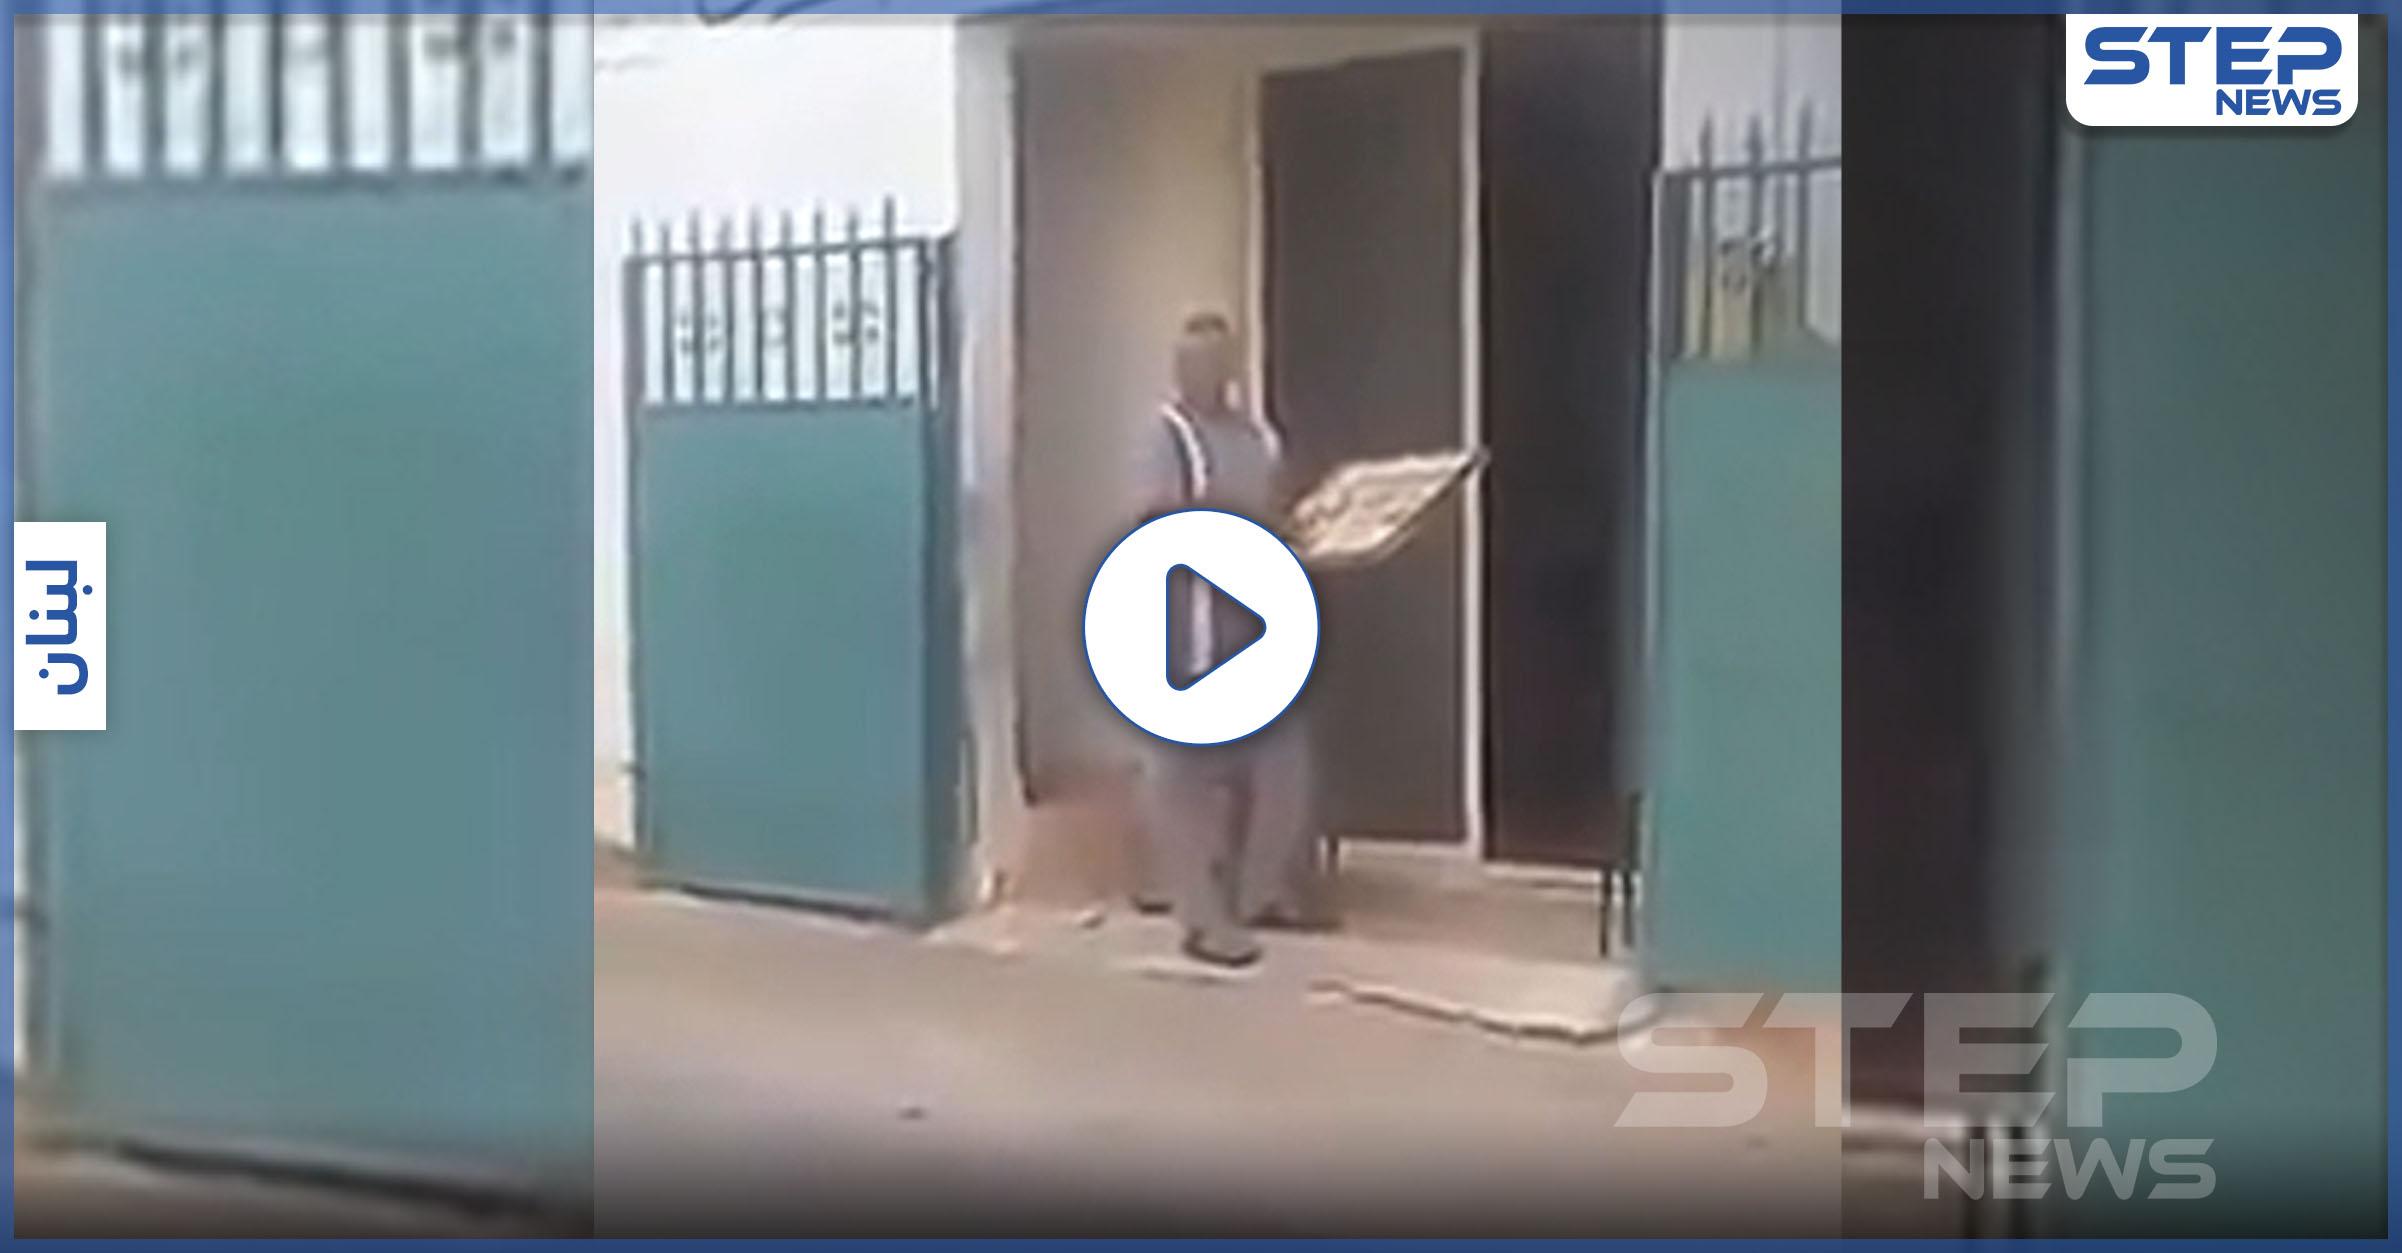 فرّان يرمي العجين في الشارع لفقدان المازوت.. و نائب لبناني يوثّق الحدث